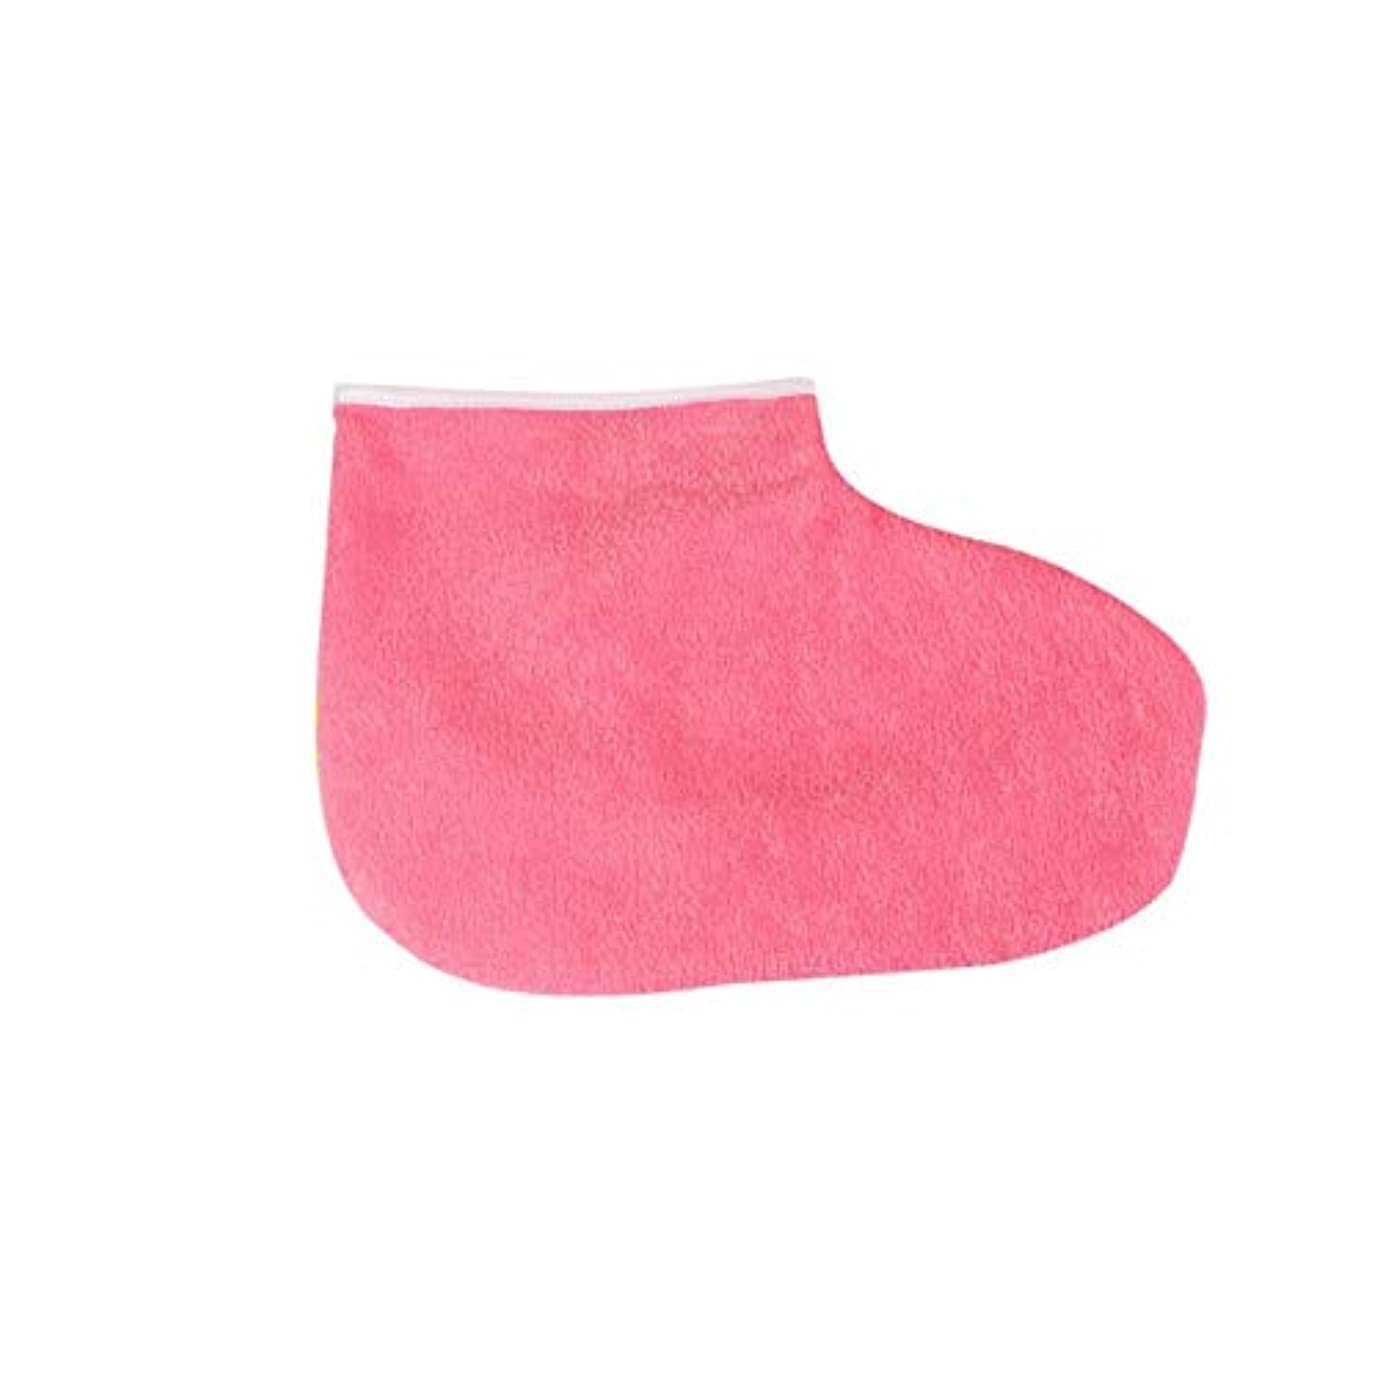 文明化バウンド投げるIntercorey 1ペアパラフィンワックス保護フットマスク手袋足肌保湿スリーブ美白角質除去ソックス